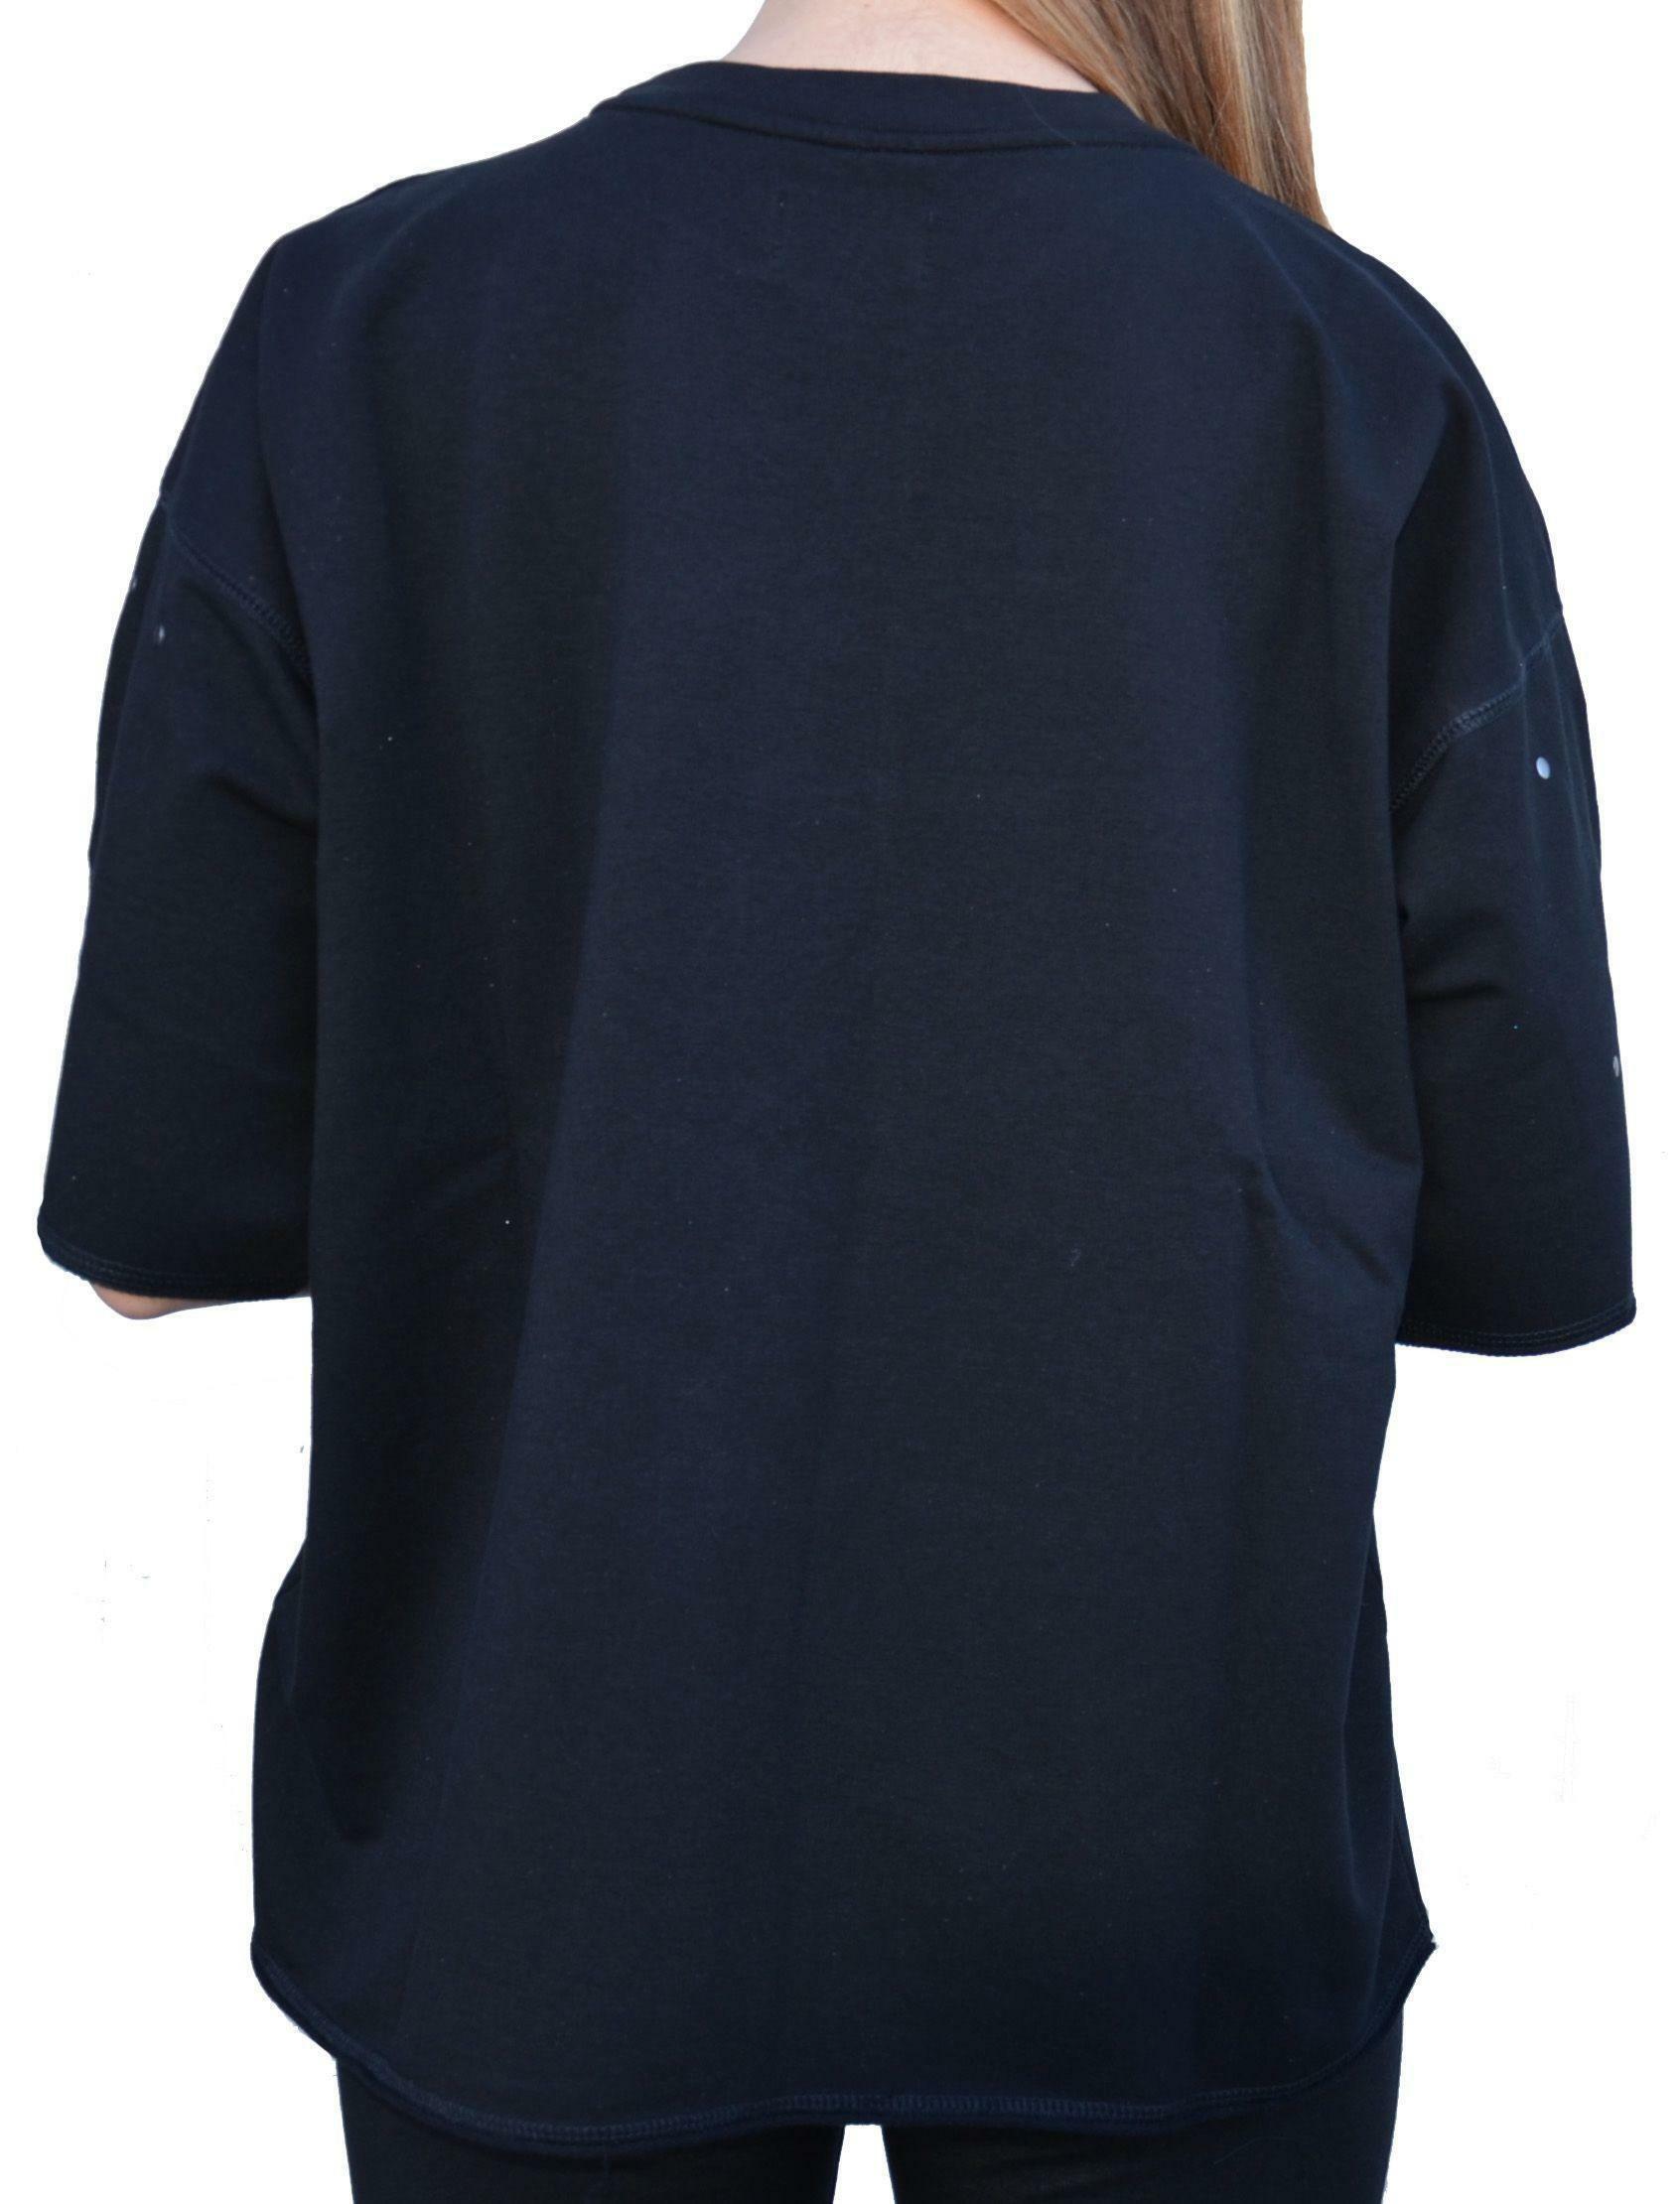 converse converse hoodie logo felpa maniche corte donna nera